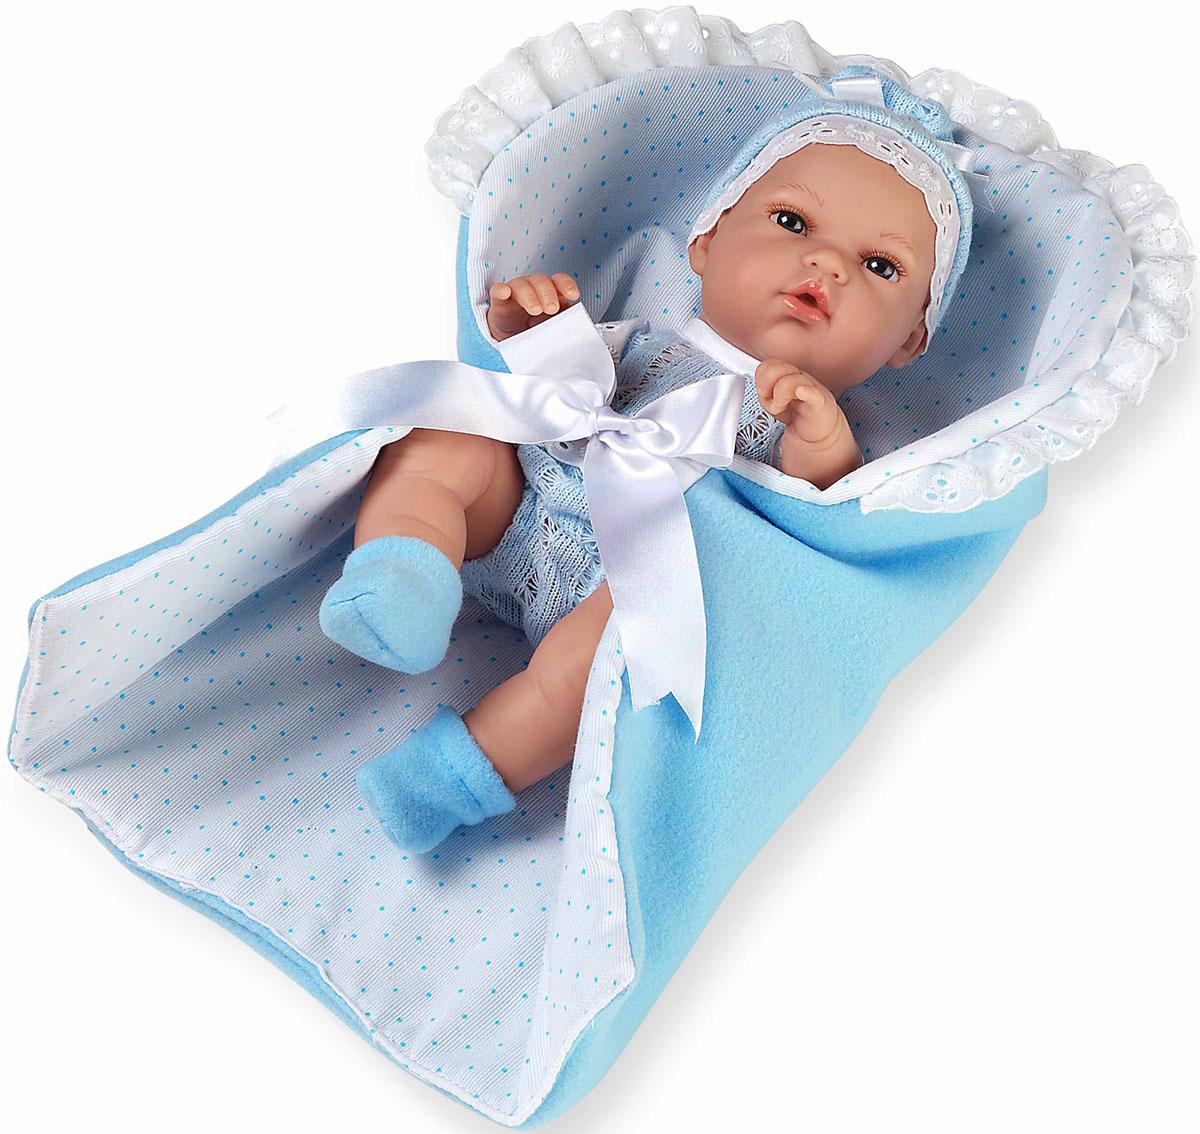 Arias Пупс Elegance цвет конверта голубой Т11069 arias пупс цвет платья белый розовый 42 см т59289